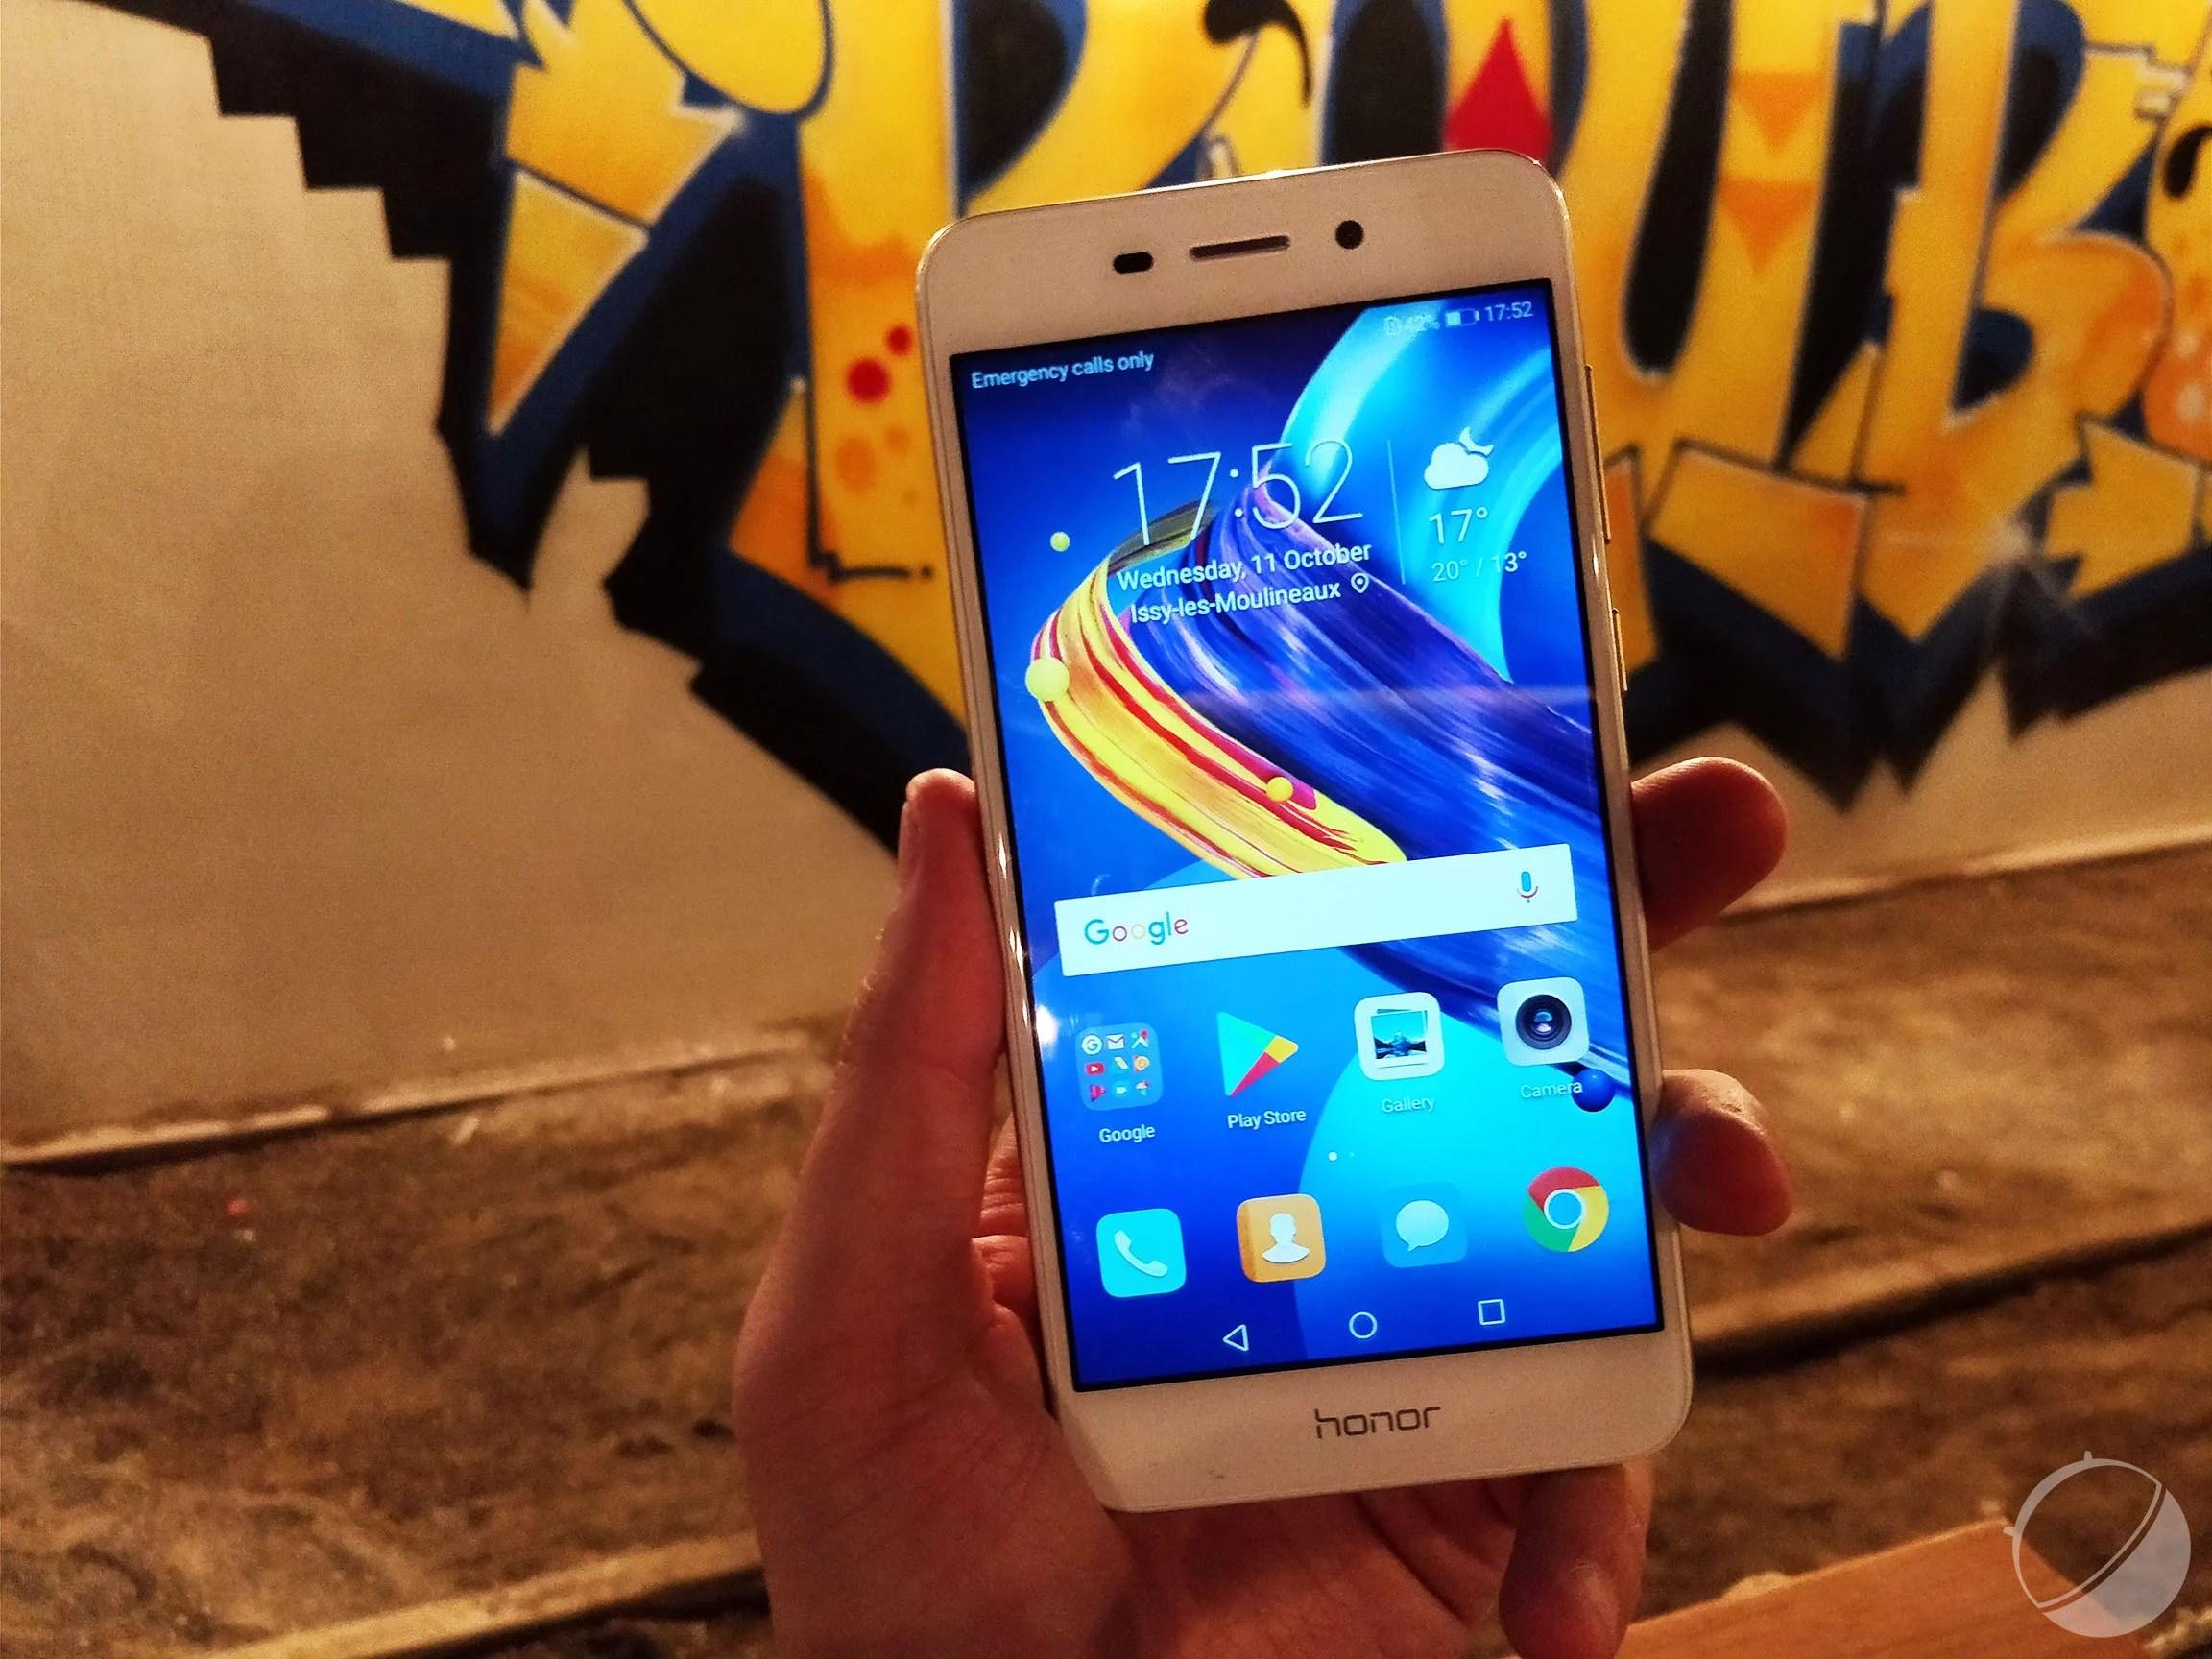 Prise en main du Honor 6C Pro, un smartphone mignon à petit prix